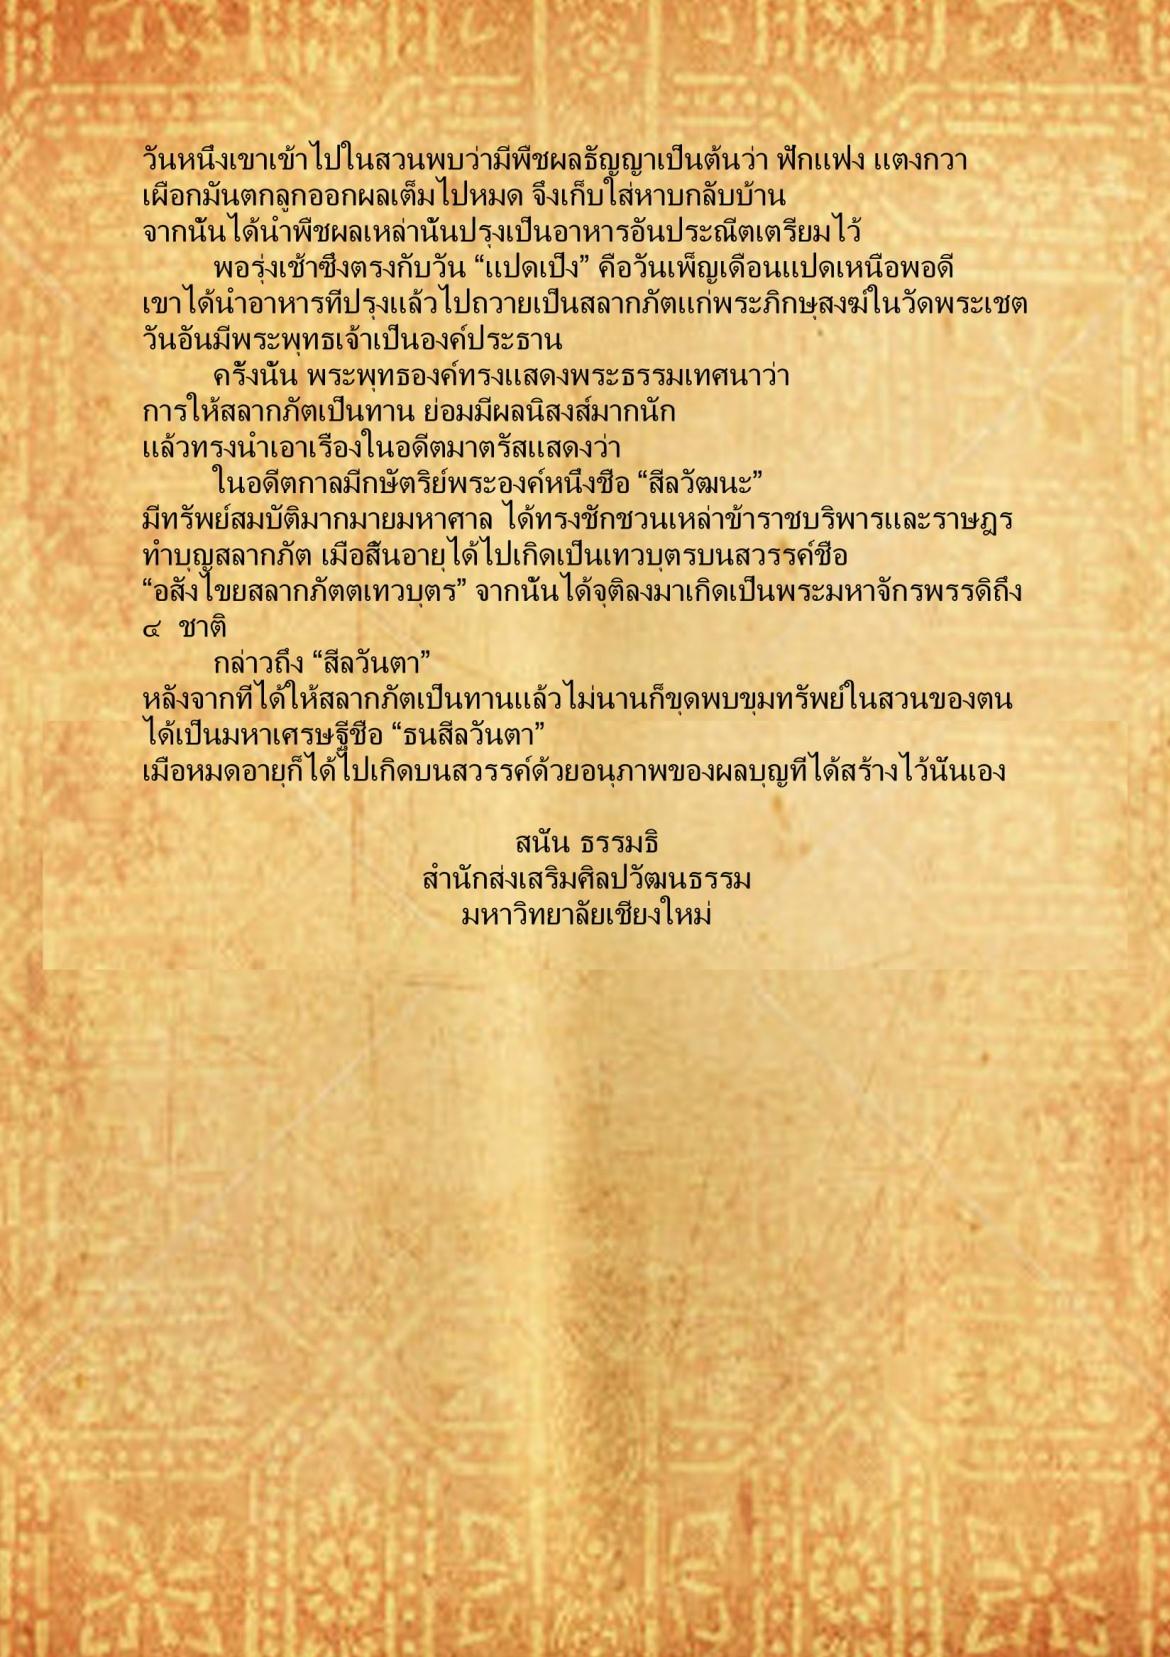 กิ๋นก๋วยสลาก (3) - 3  ตุลาคม  2559